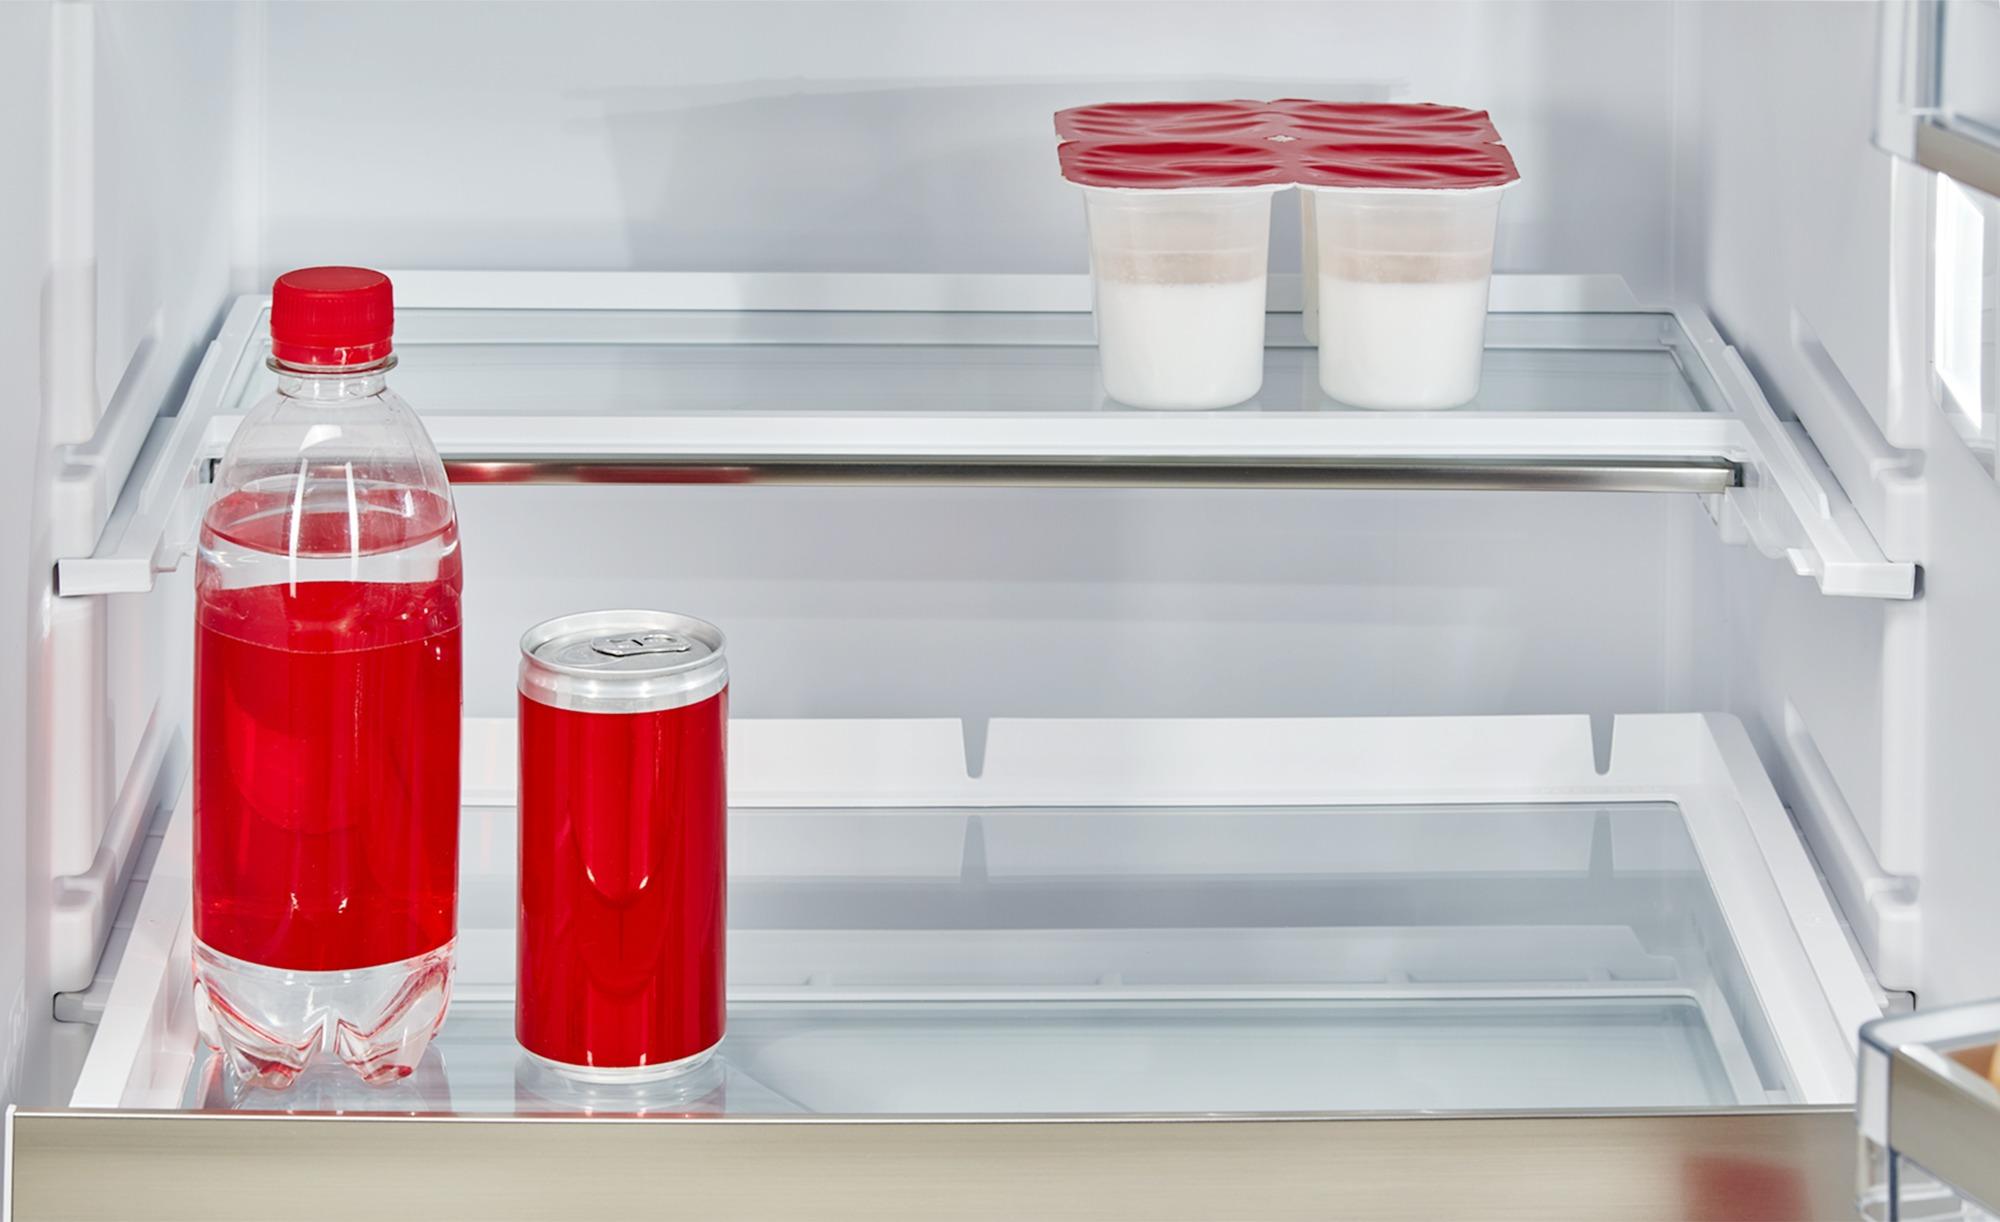 Bosch Kühlschrank Alarm : Siemens einbau kühlschrank ki rad bei möbel kraft online